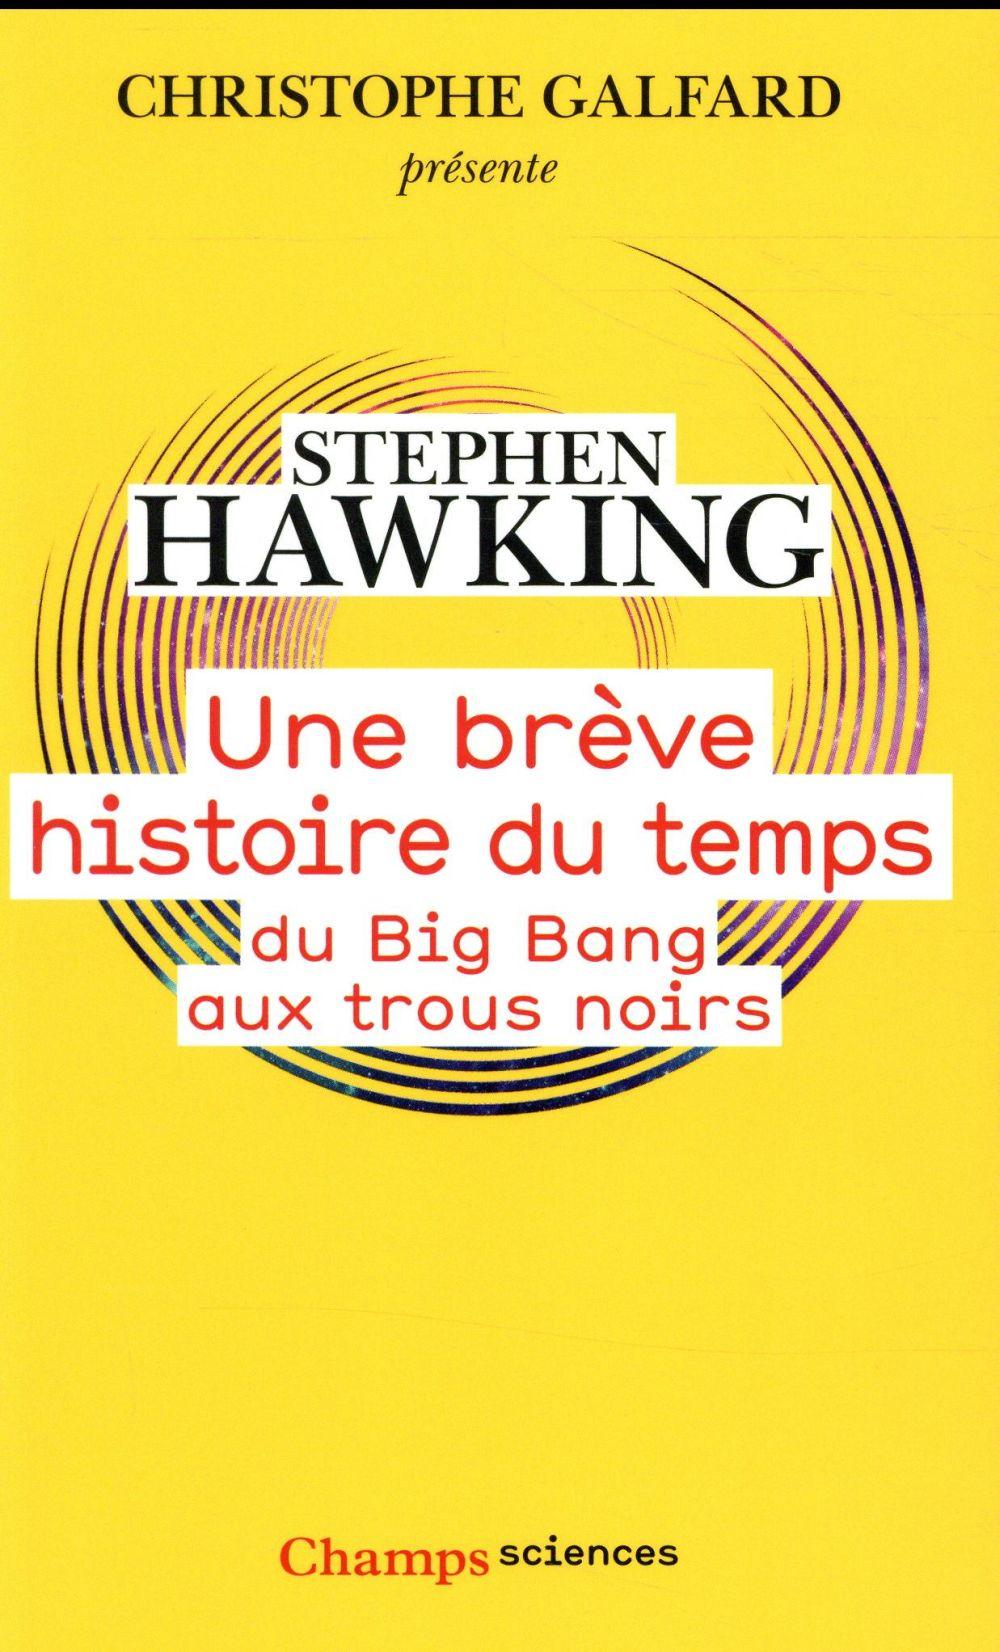 UNE BREVE HISTOIRE DU TEMPS  -  DU BIG BANG AUX TROUS NOIRS HAWKING STEPHEN Flammarion